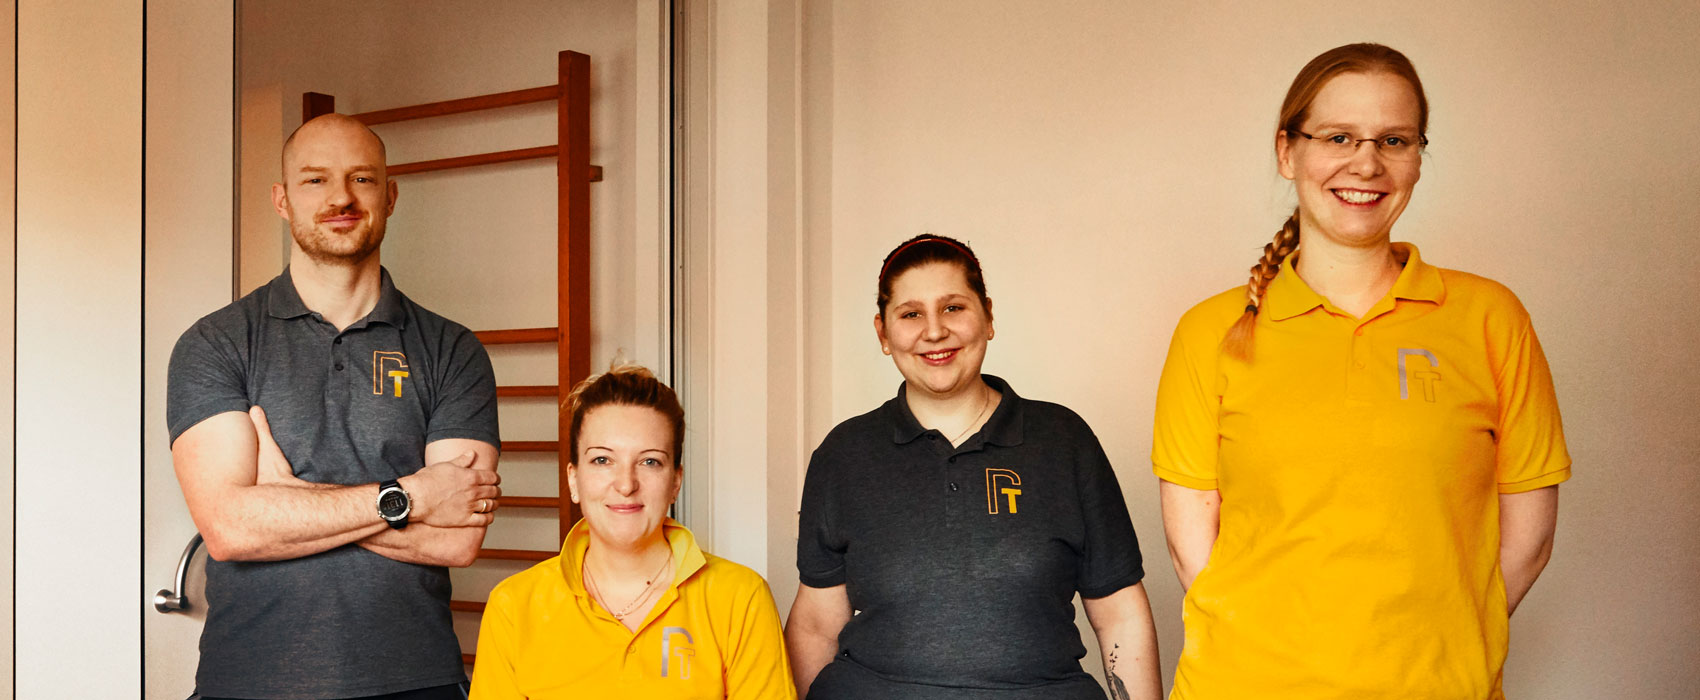 Teamfoto der Physioteam HVL Mitarbeiter